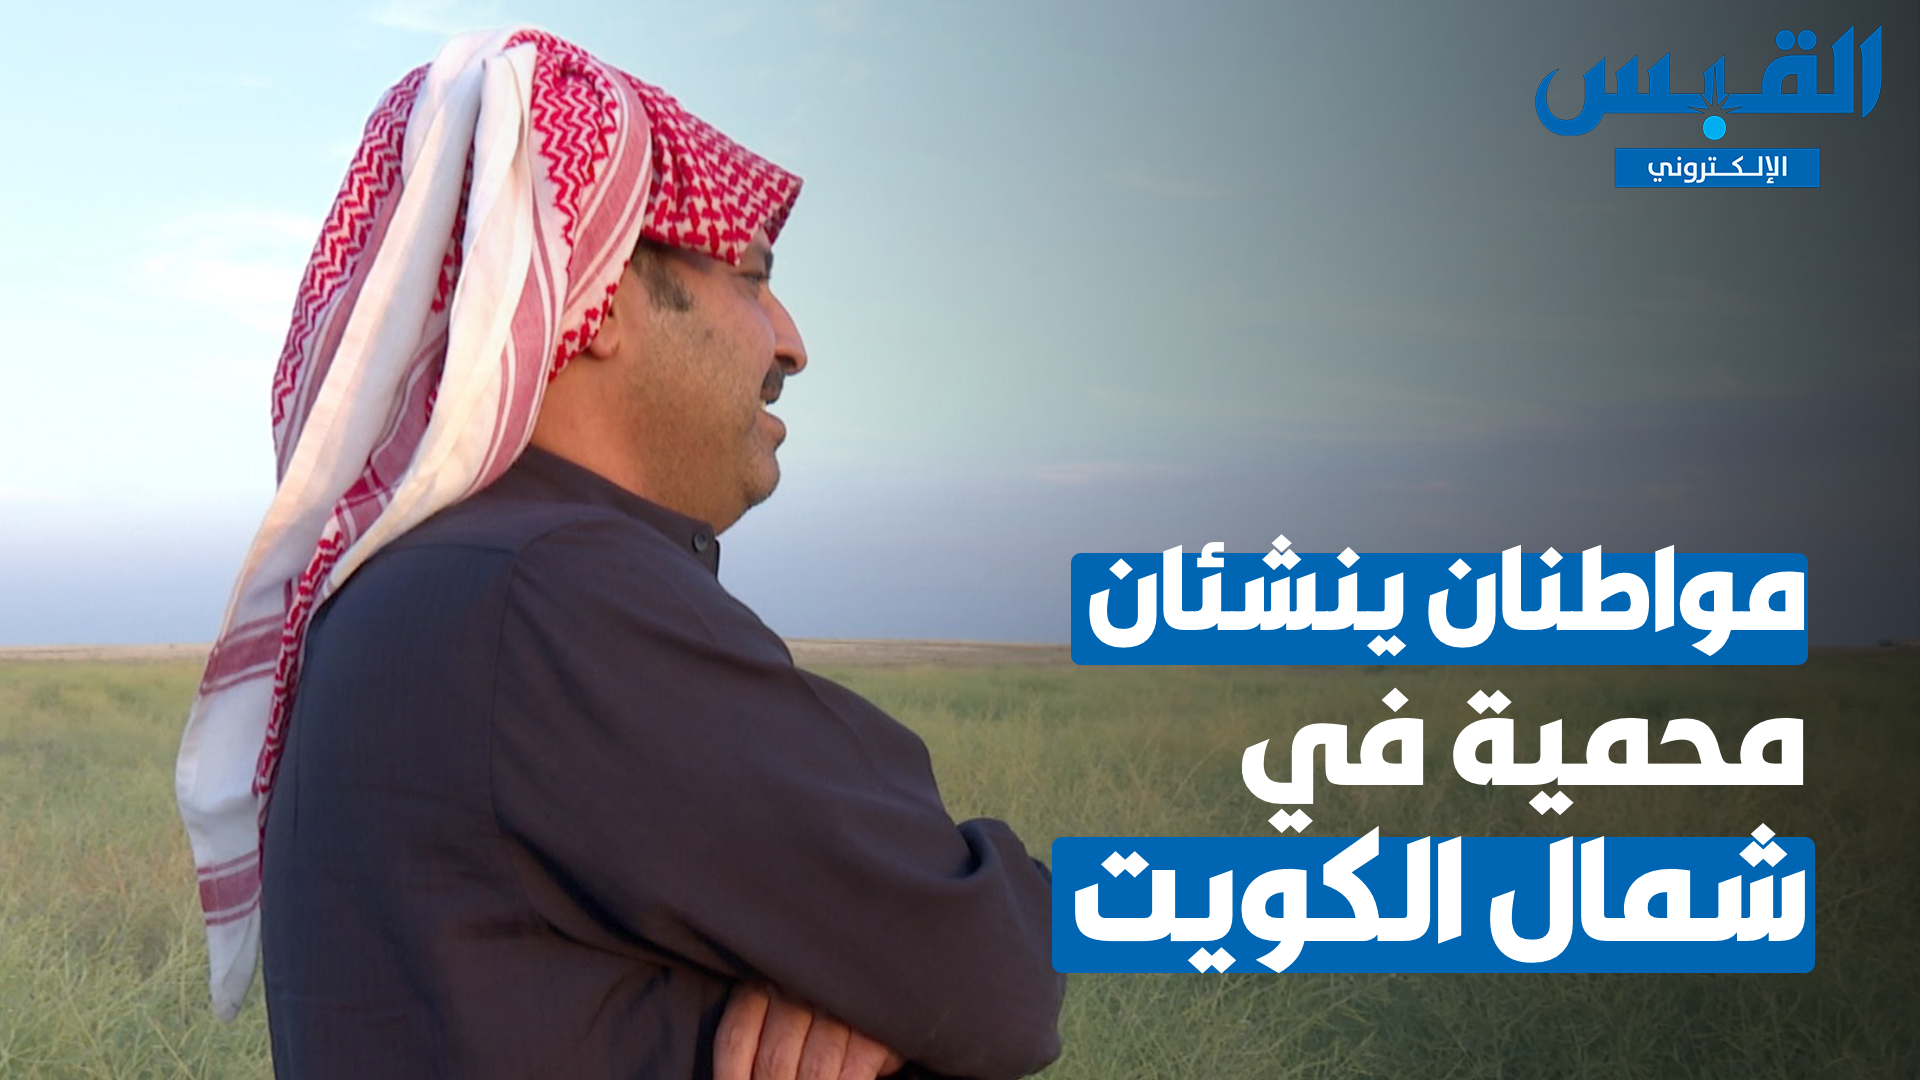 مواطنان ينشئان محمية خضراء وسط الصحراء